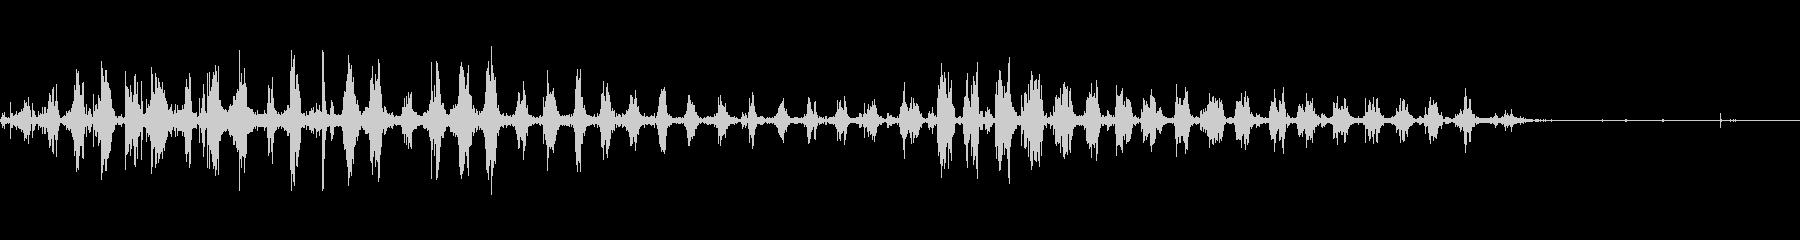 うなるピットブル犬の未再生の波形